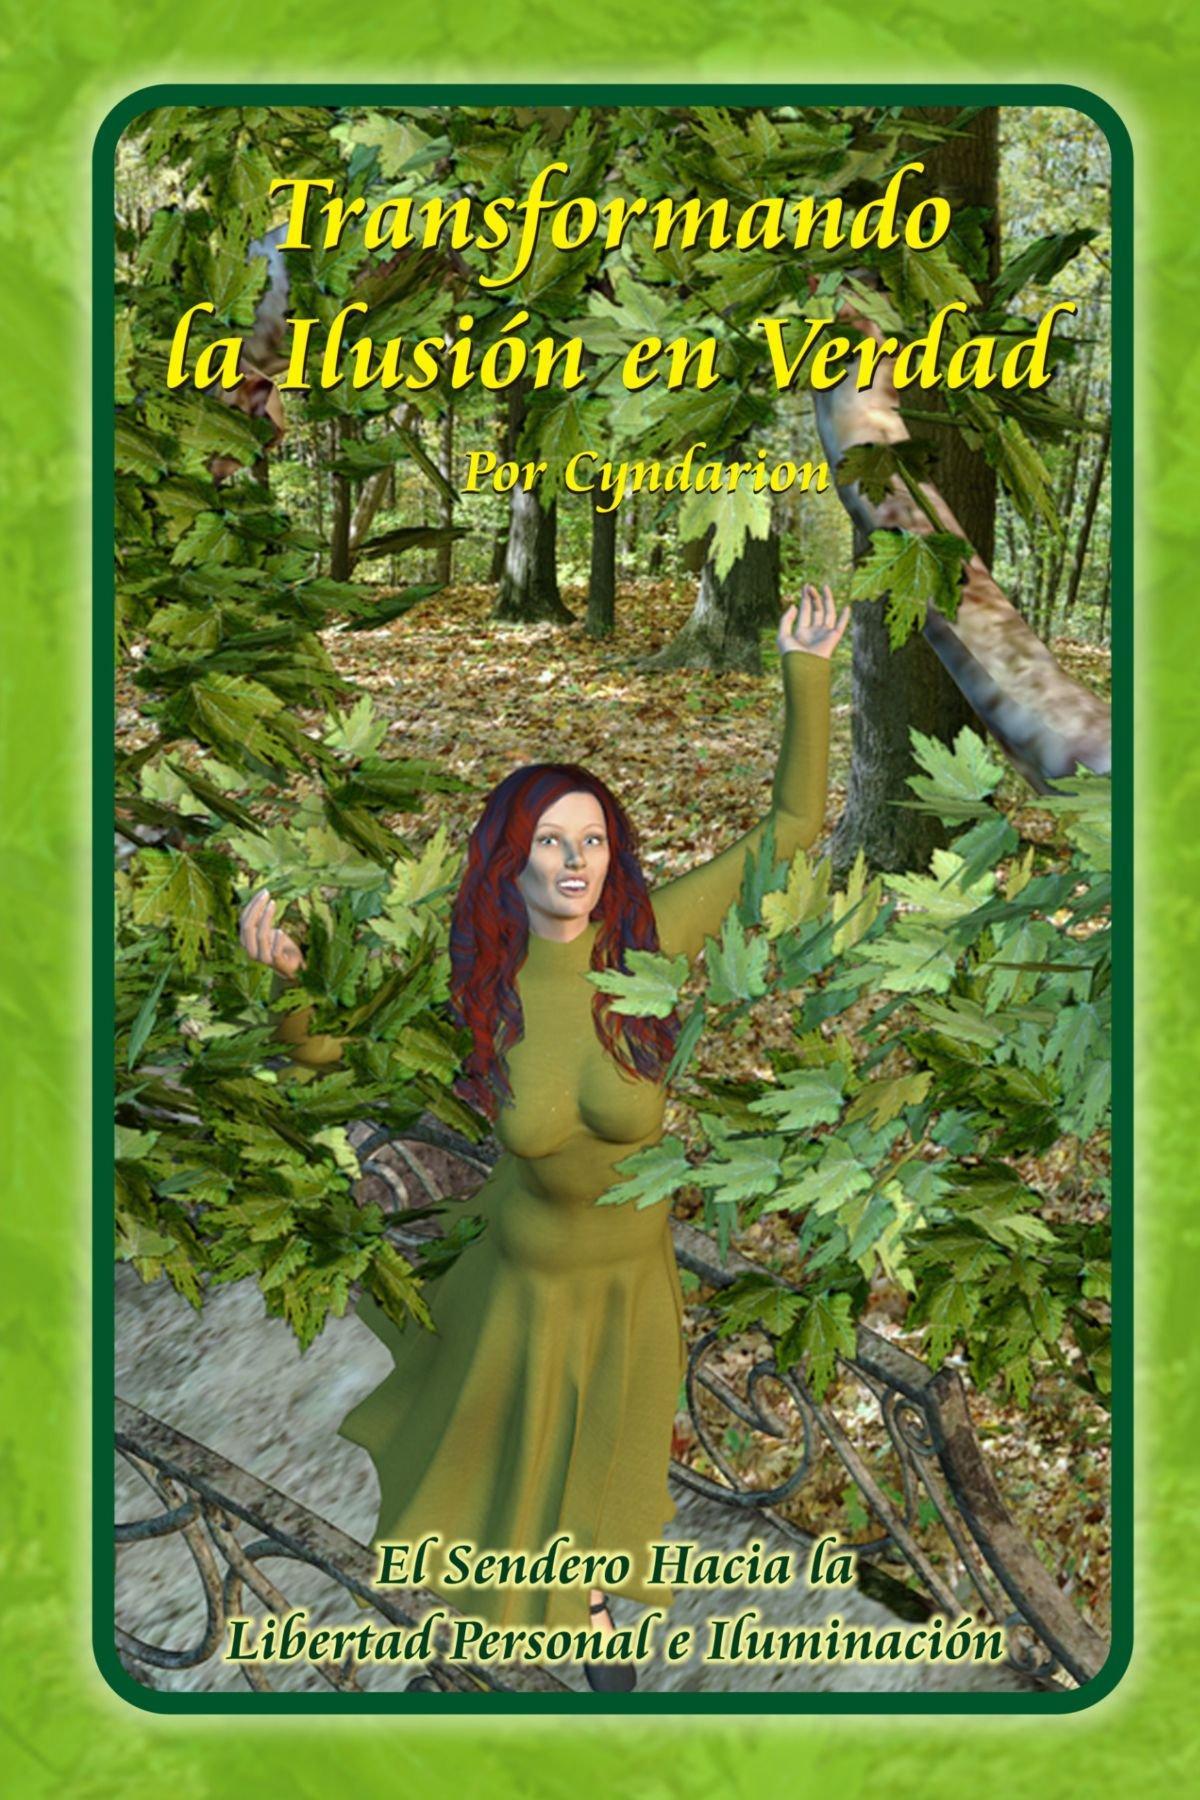 fd5446bf46 Transformando La Ilusion En Verdad  Amazon.es  Cyndarion  Libros